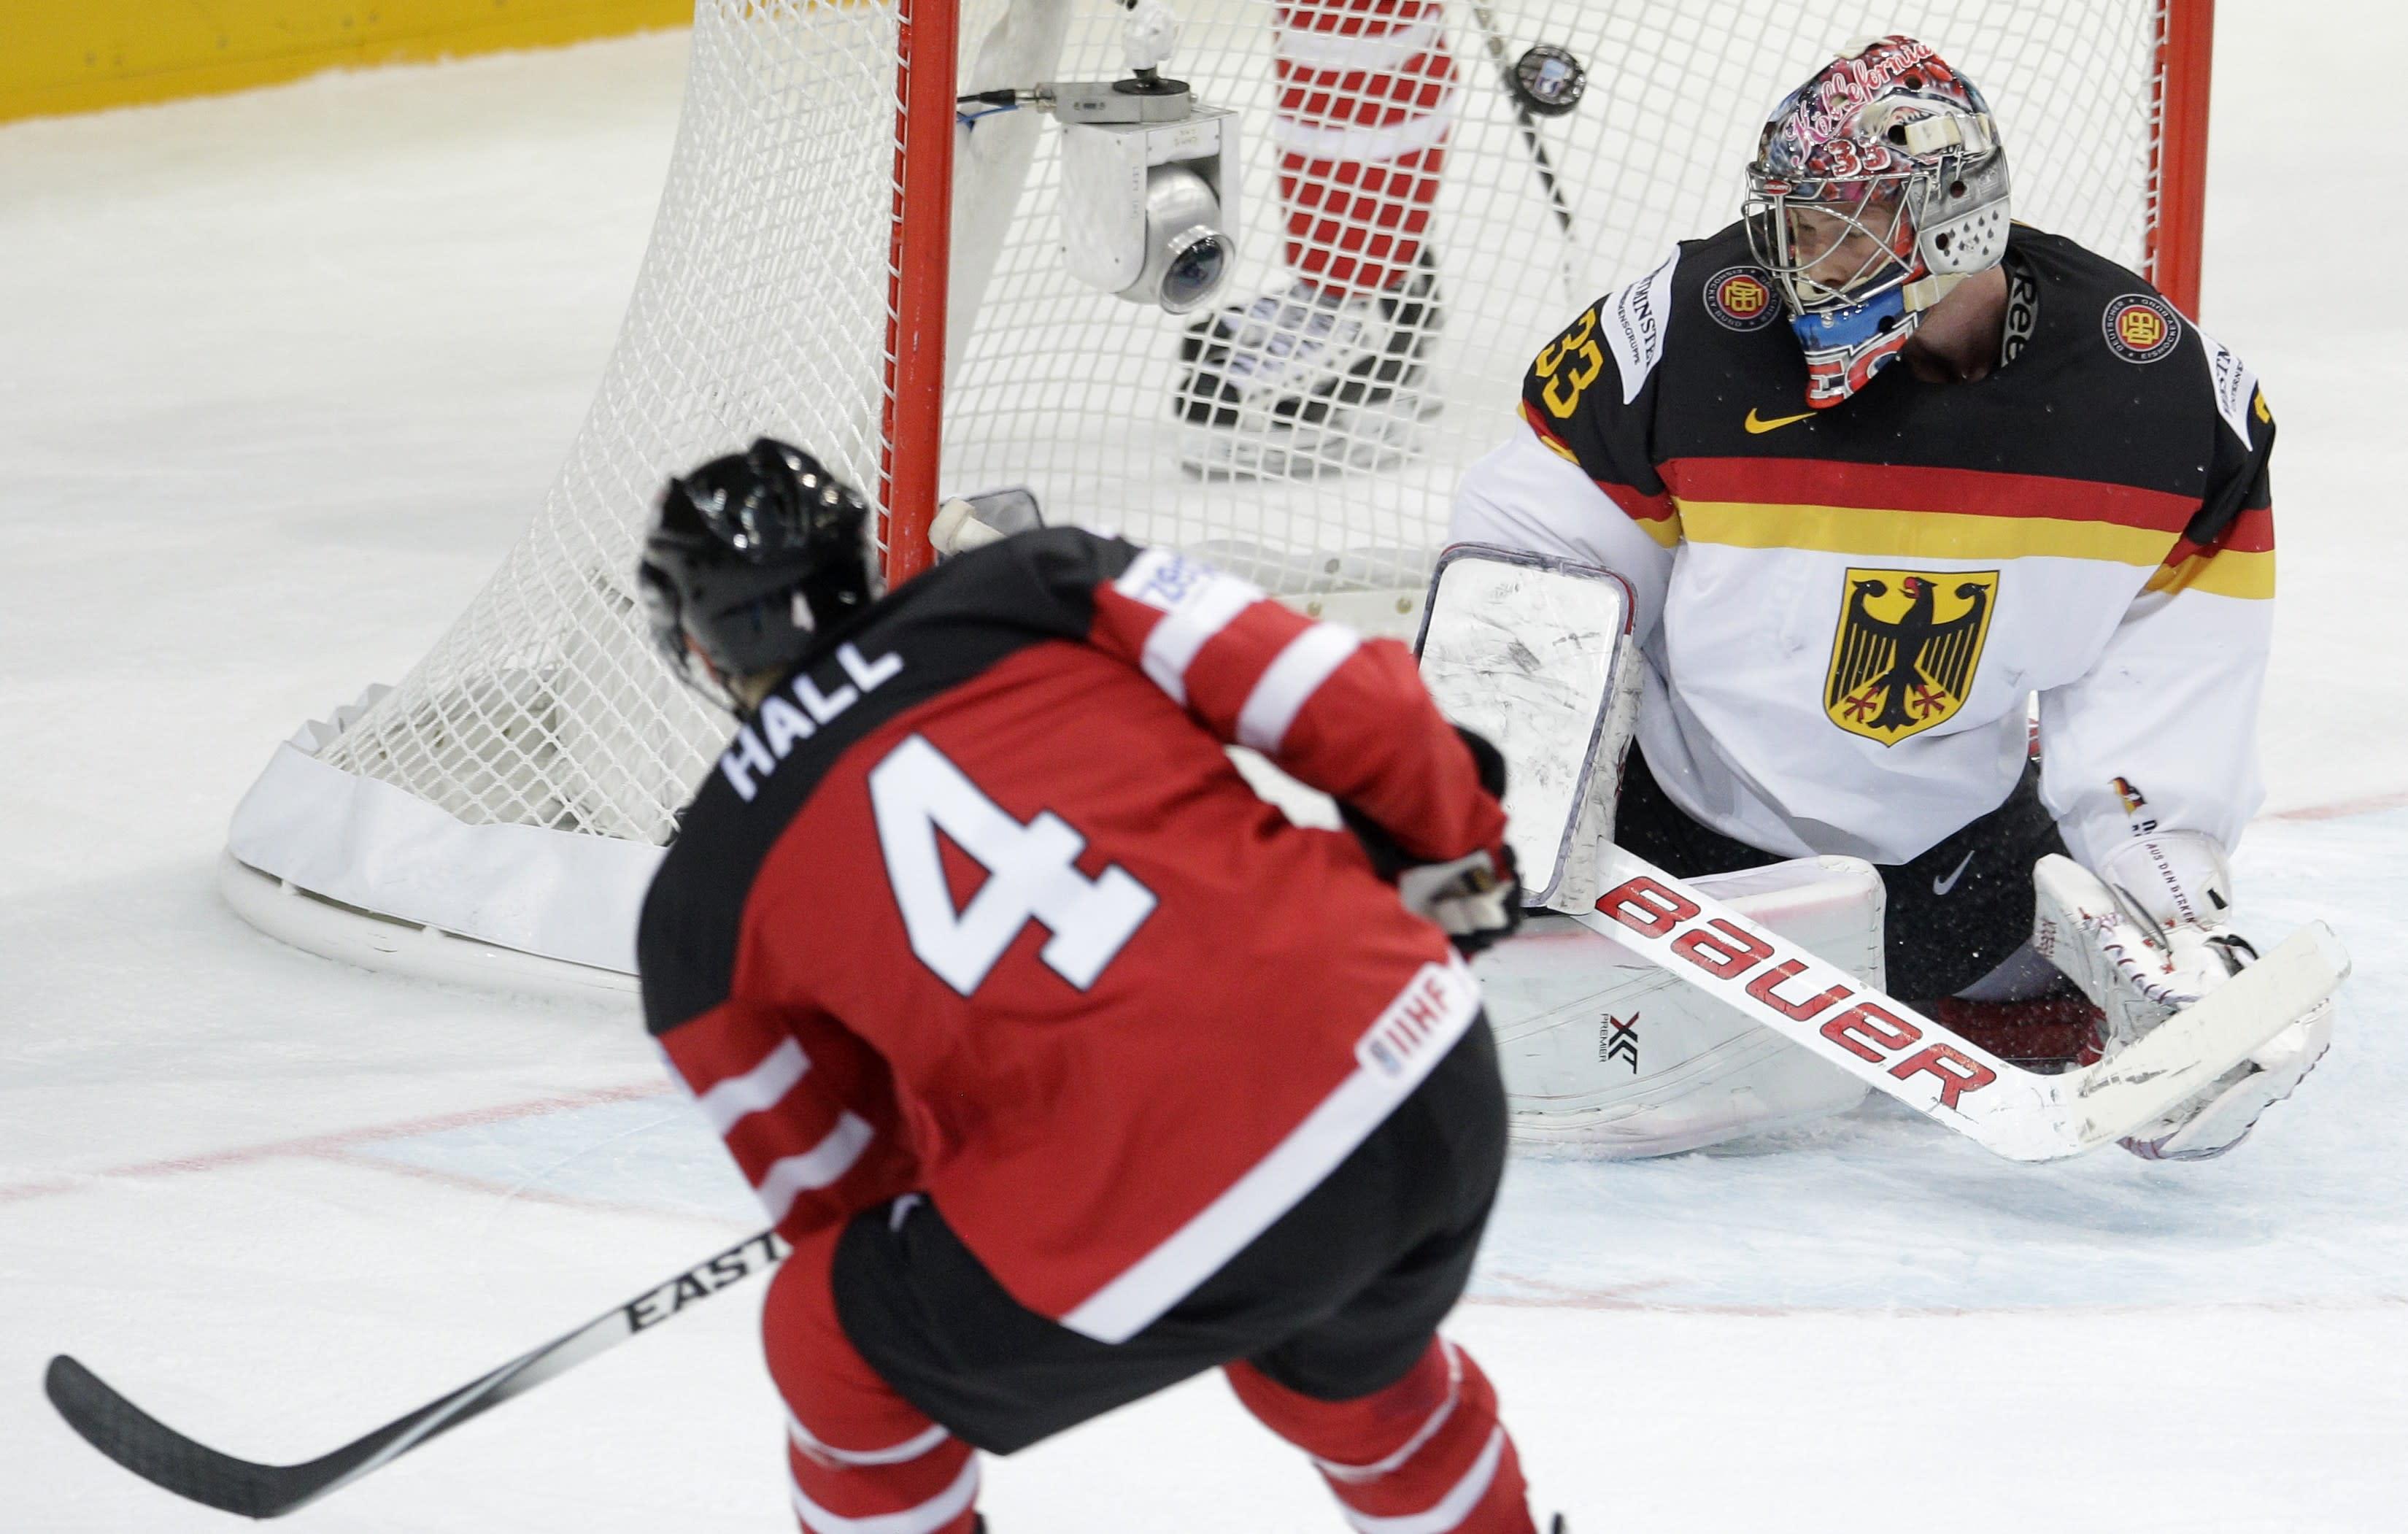 Canada beats Germany 10-0 at ice hockey worlds